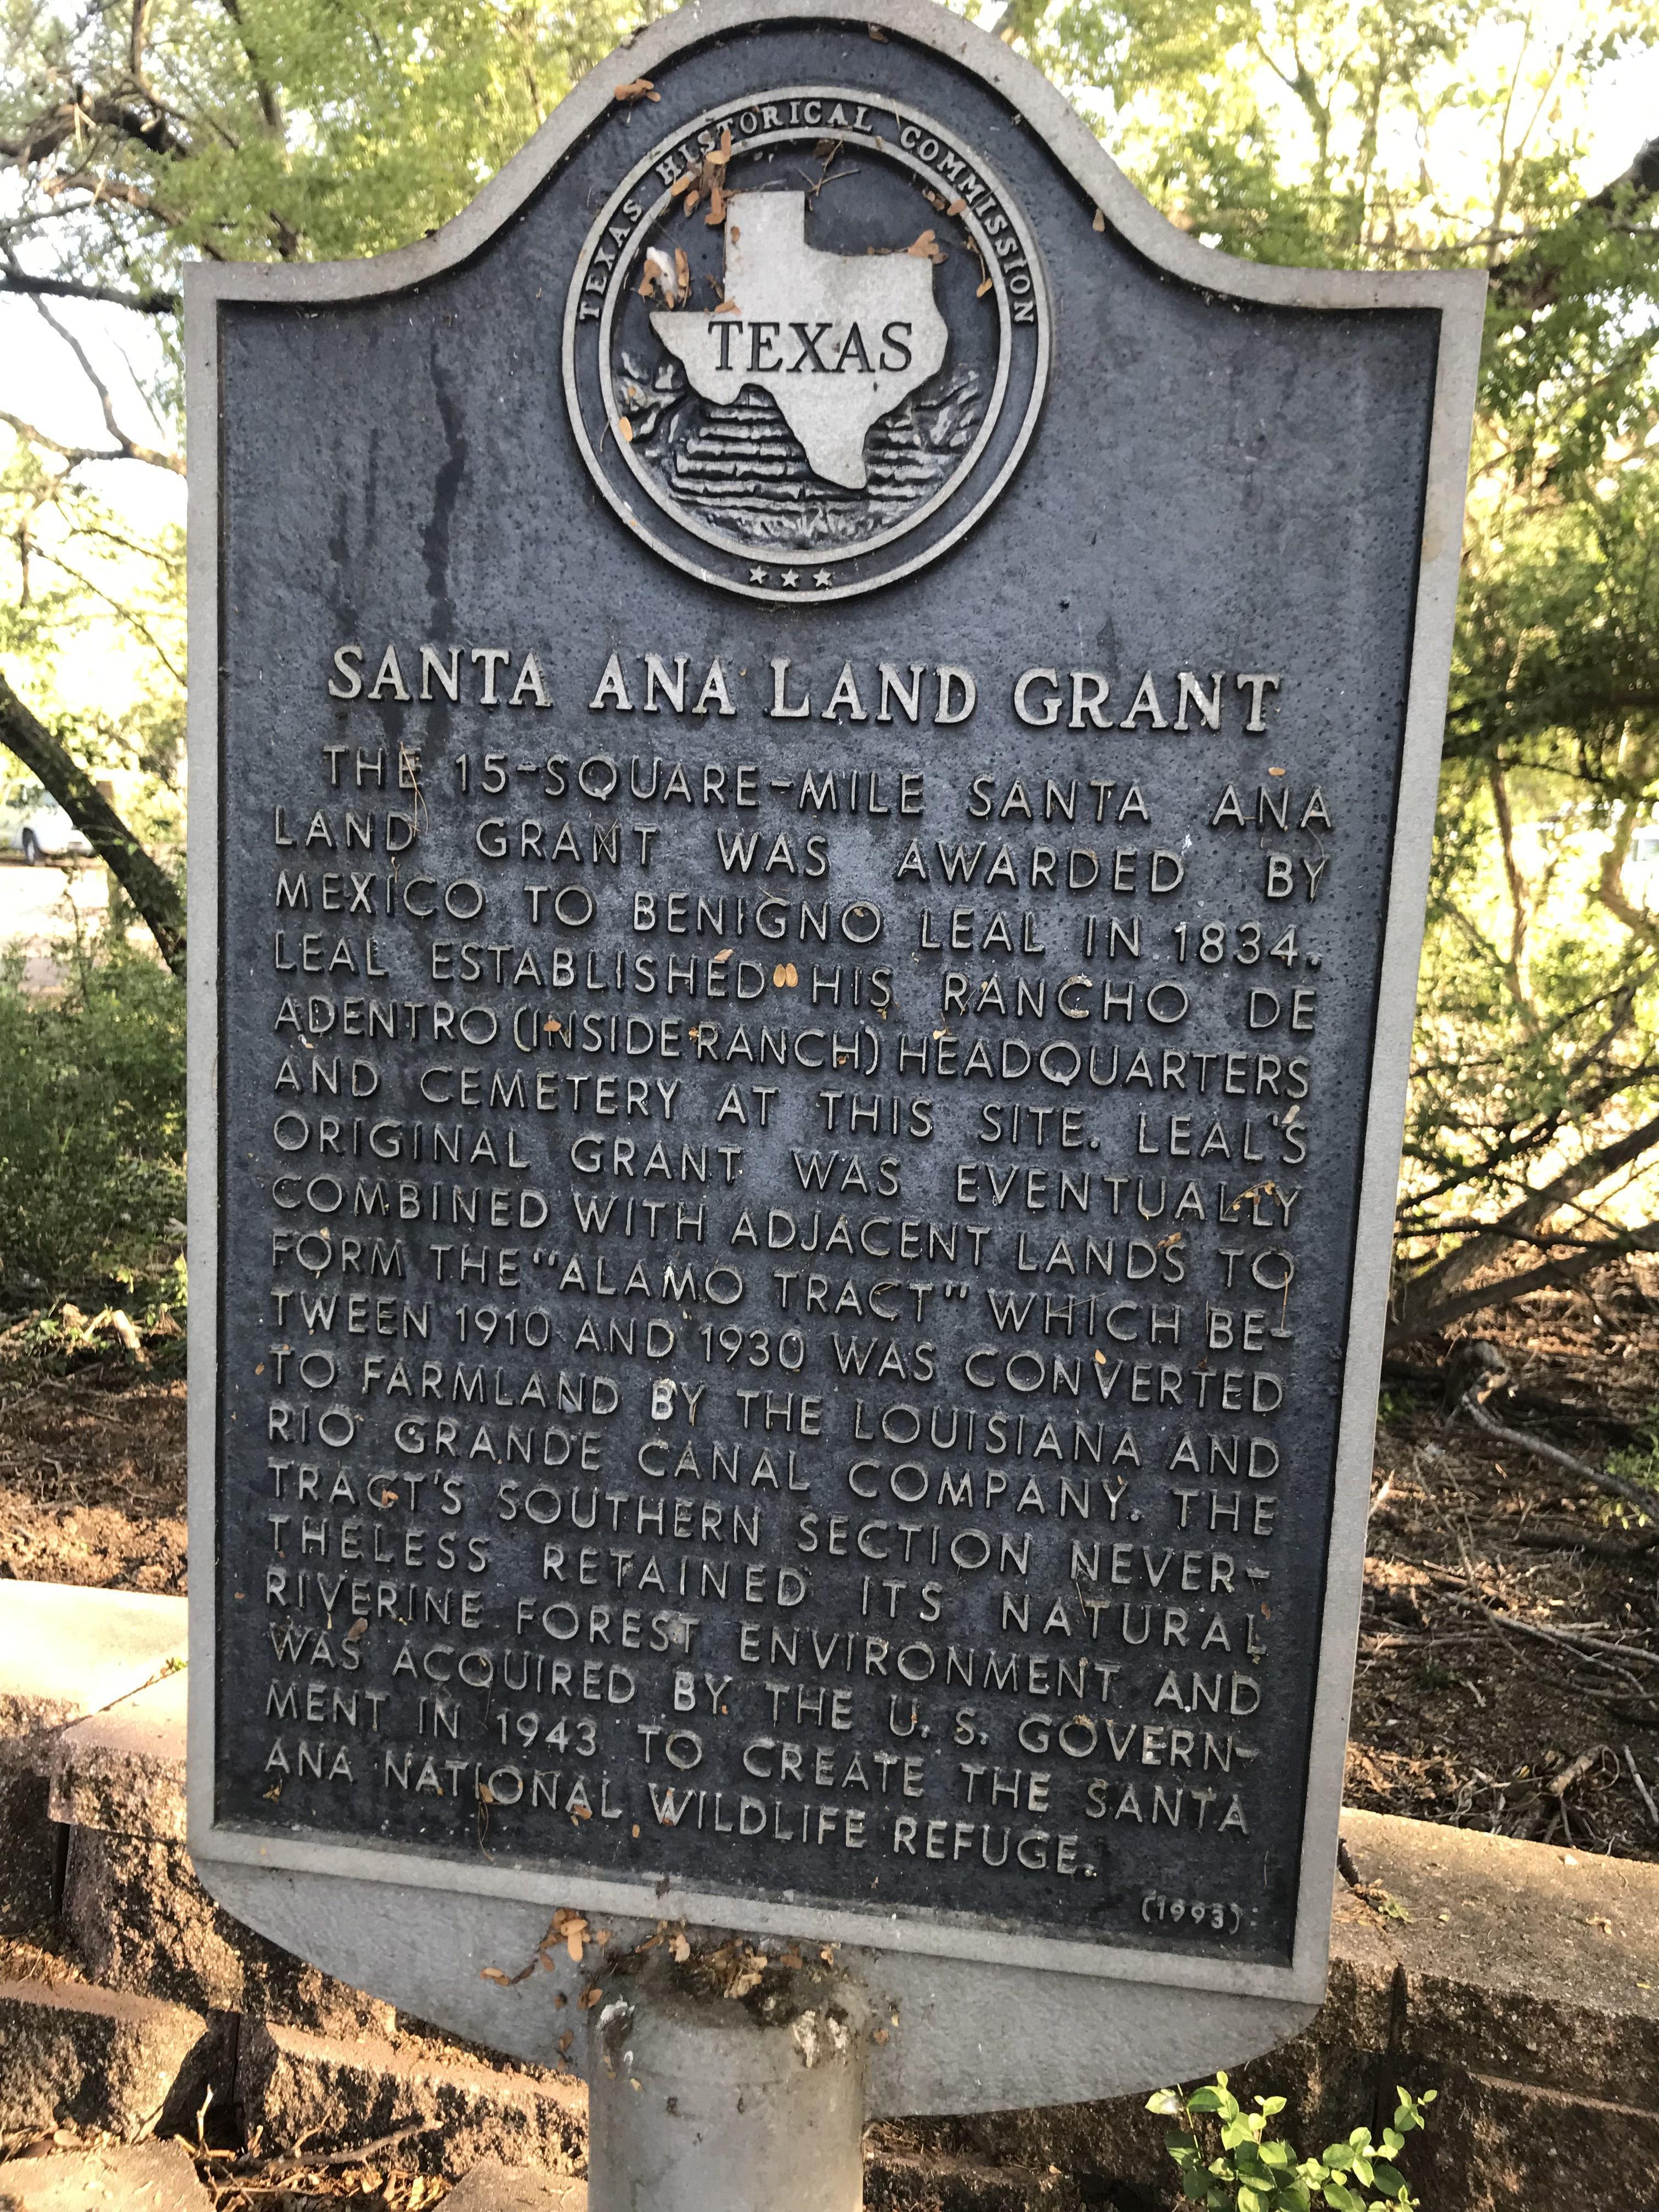 Santa Ana Land Grant